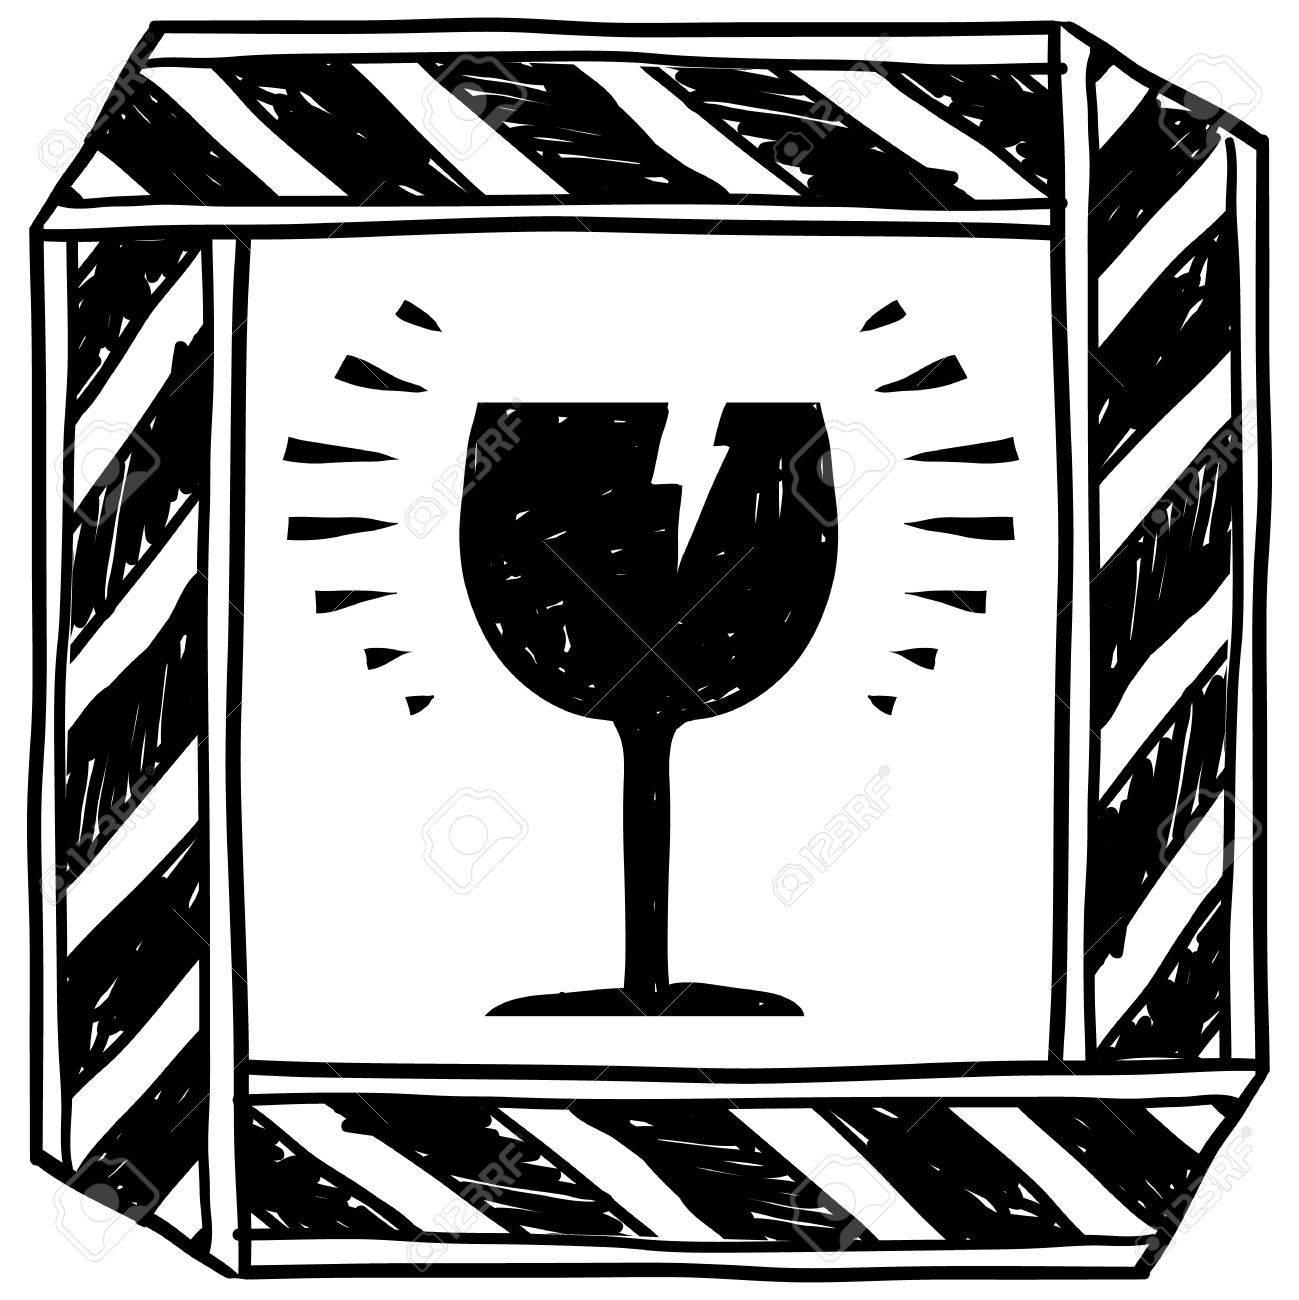 Doodle style danger of broken glass caution sign sketch in vector format Stock Vector - 14559354